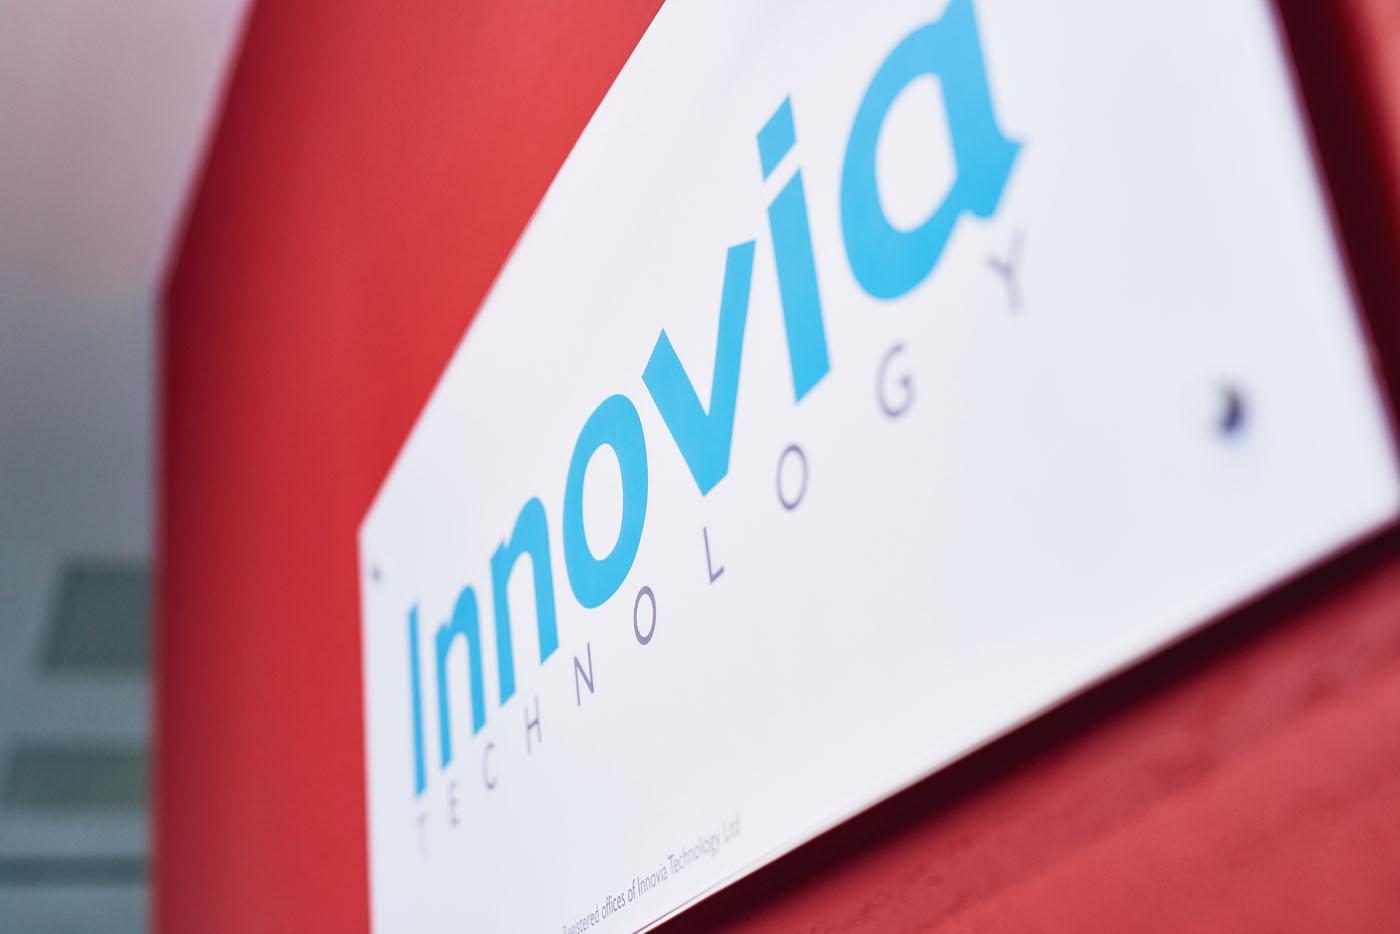 Innovia Technology signage